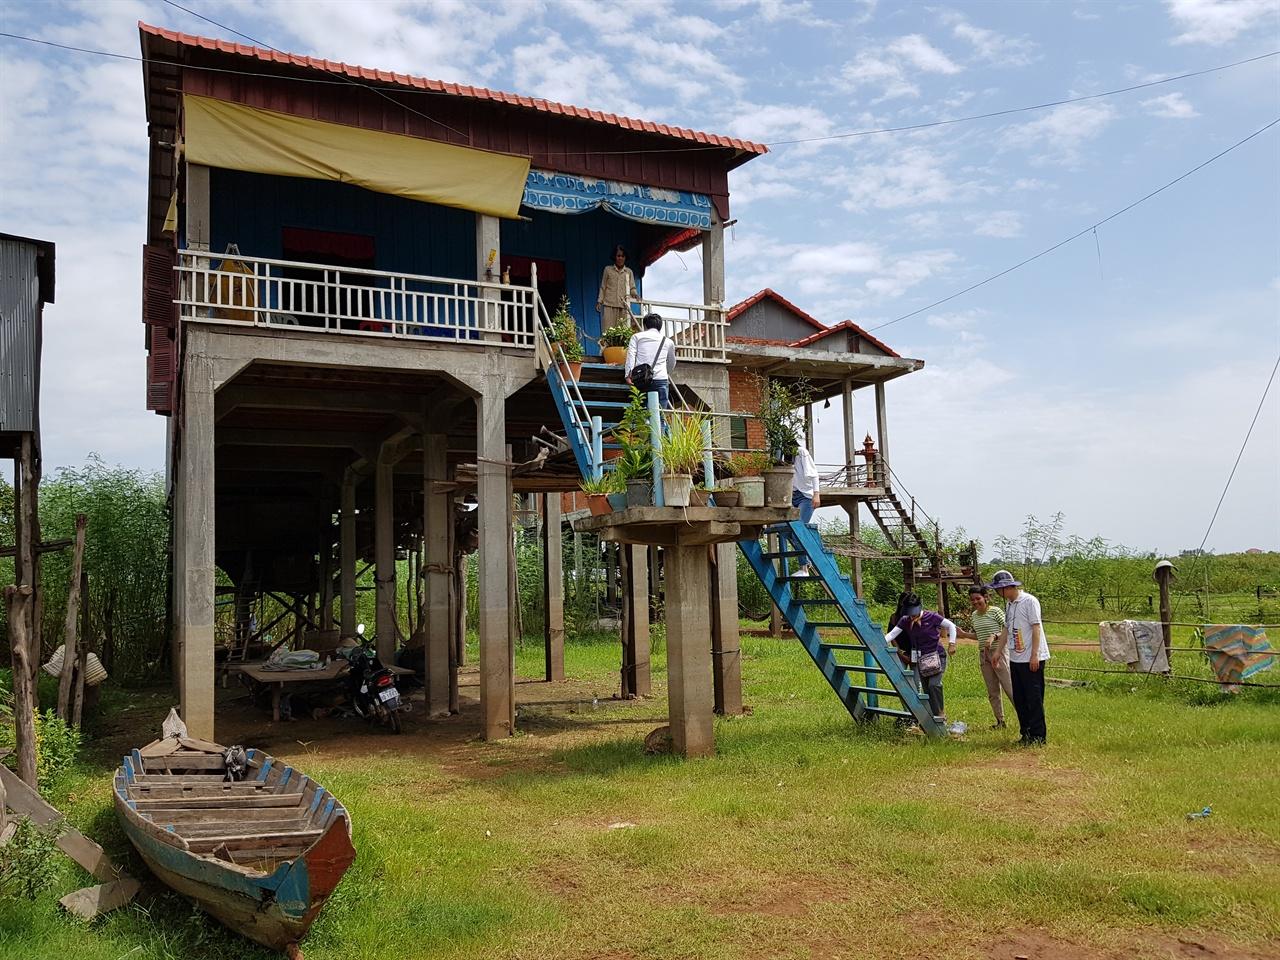 캄보디아 전통 가옥 구조인 쏘페아의 집 '쁘떼아 보란'